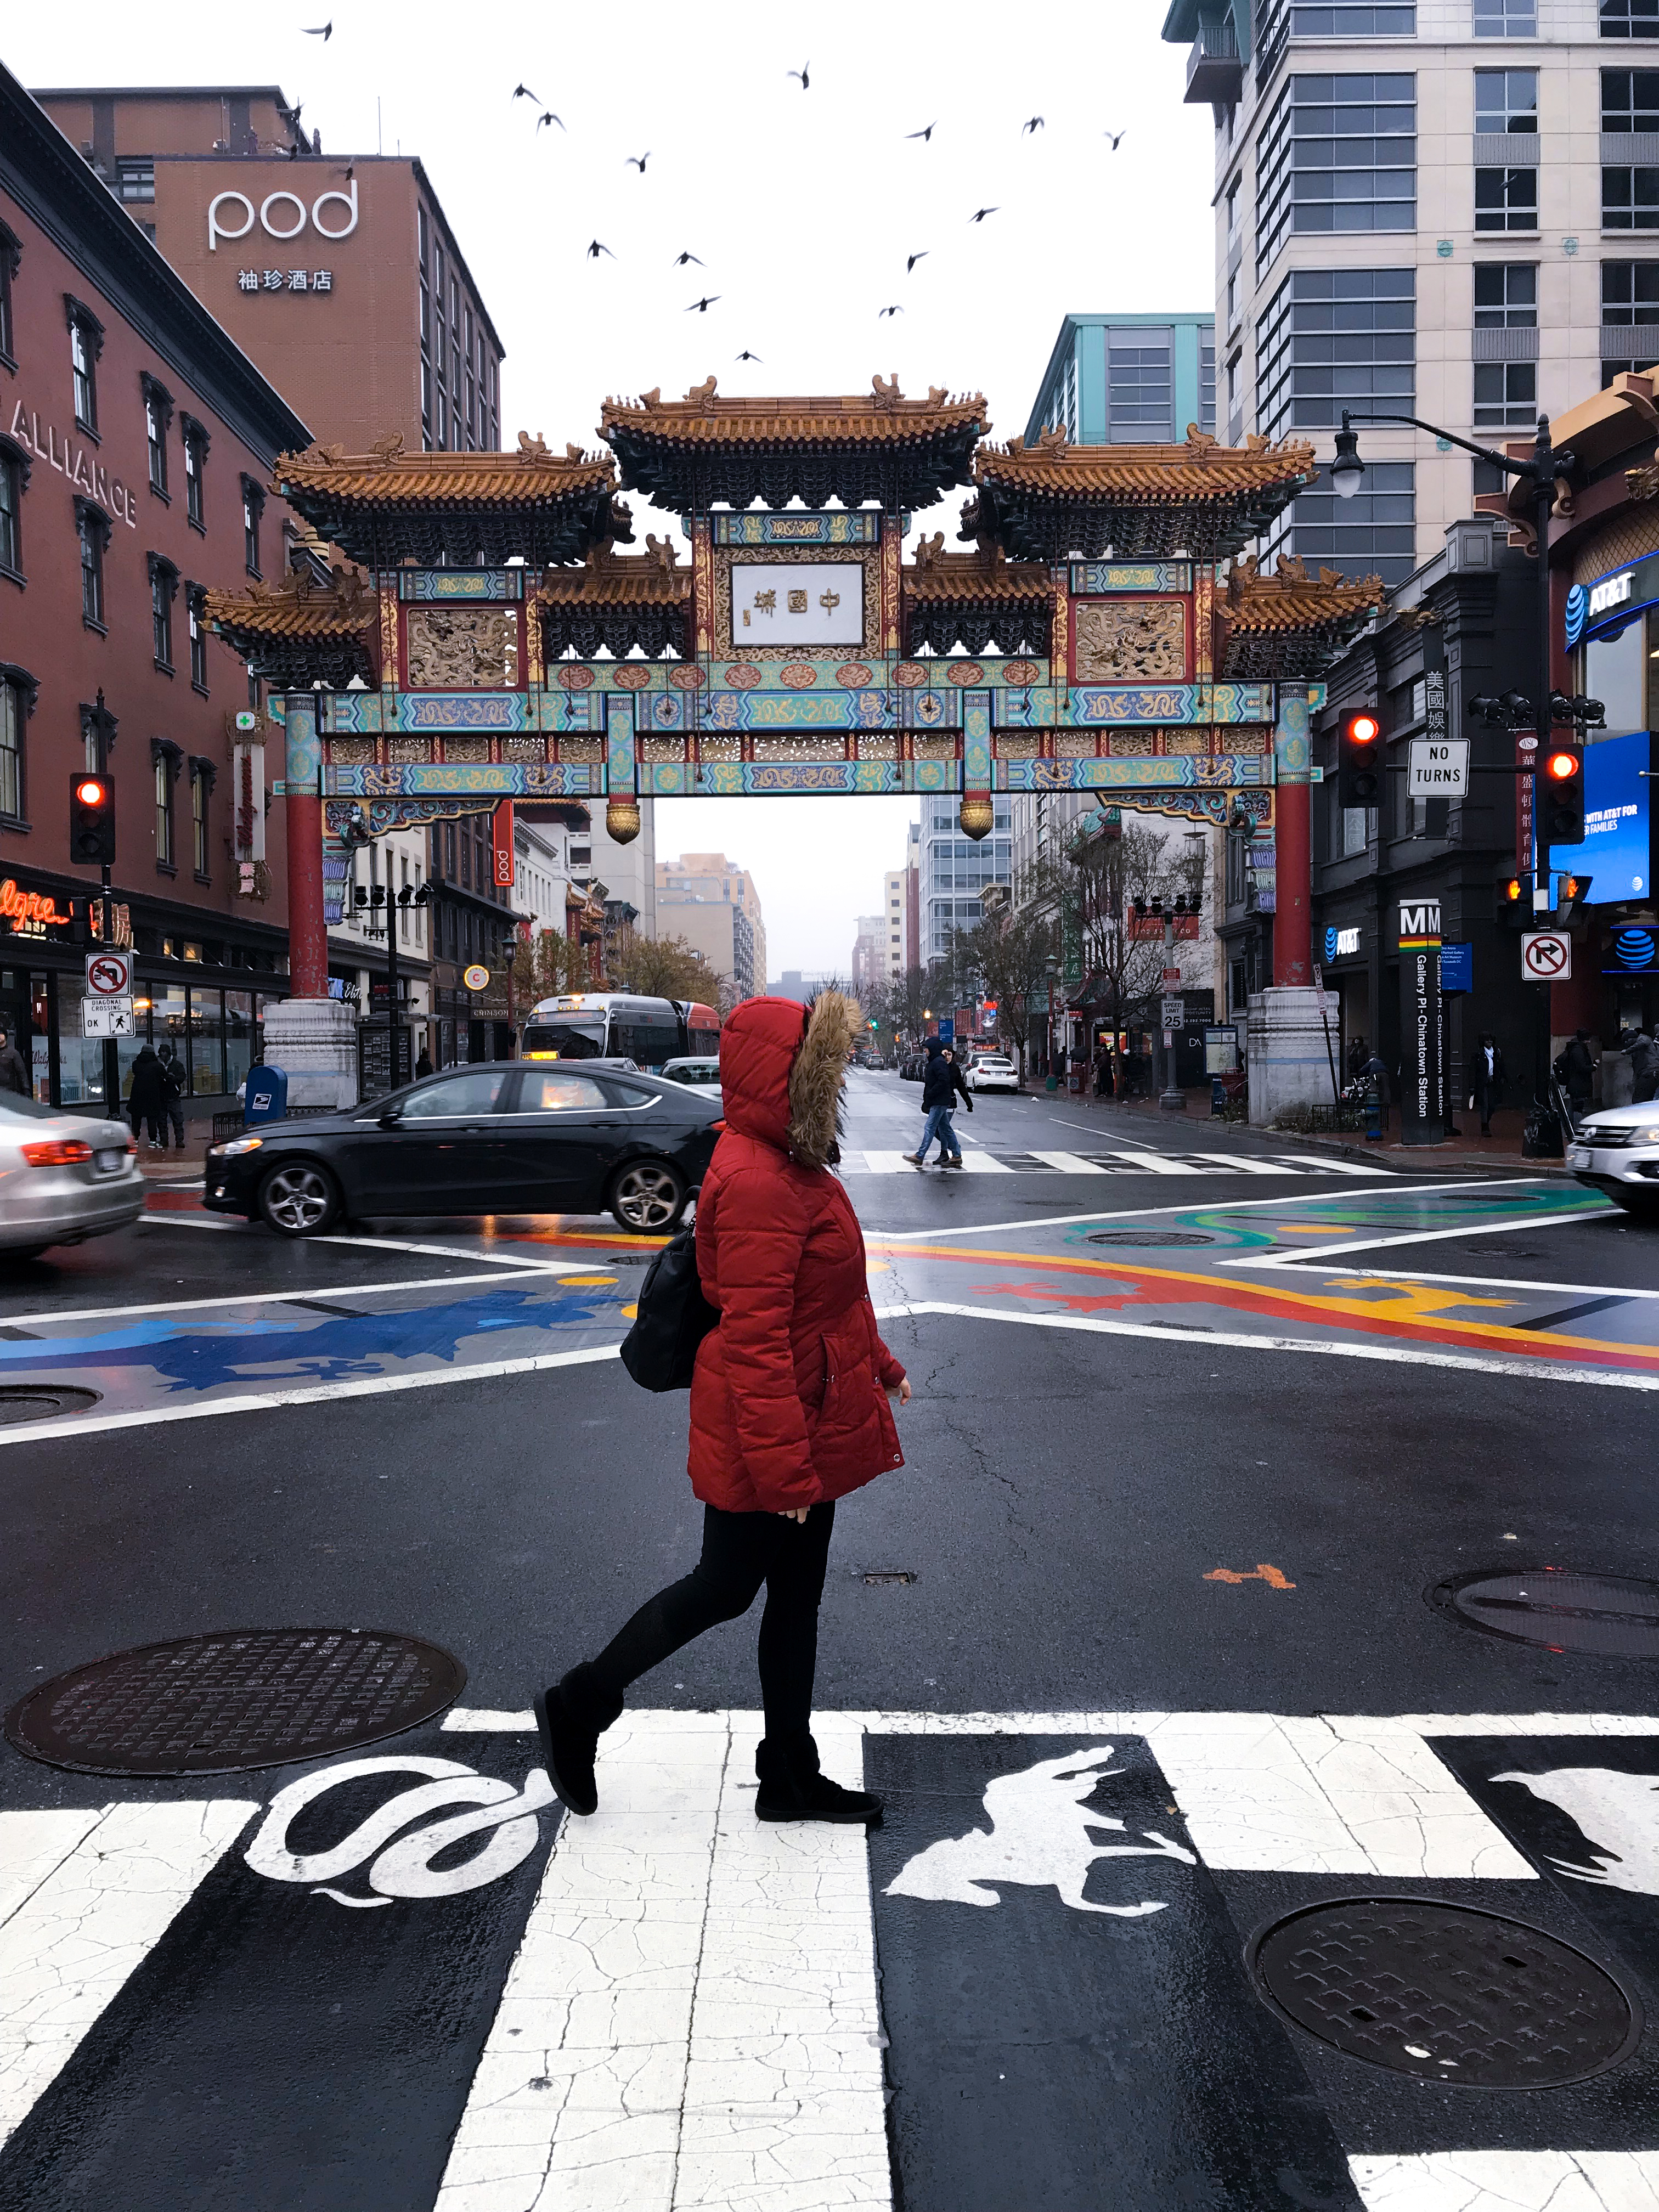 7. Friendship Archway Chinatown